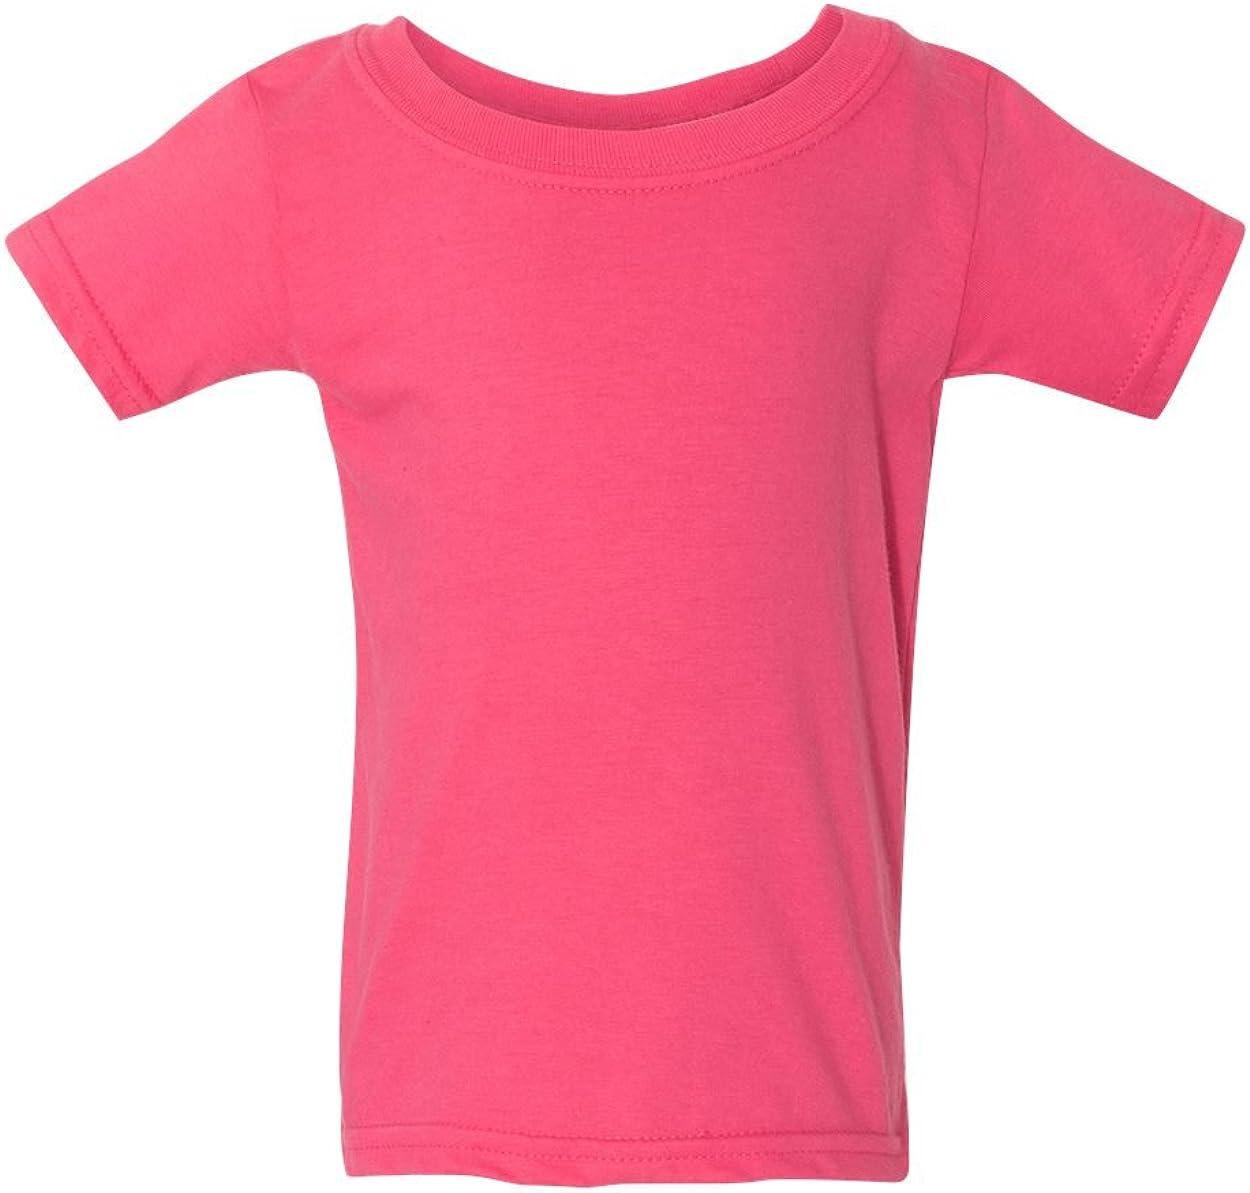 64500P Softstyle Toddler T-Shirt Gildan